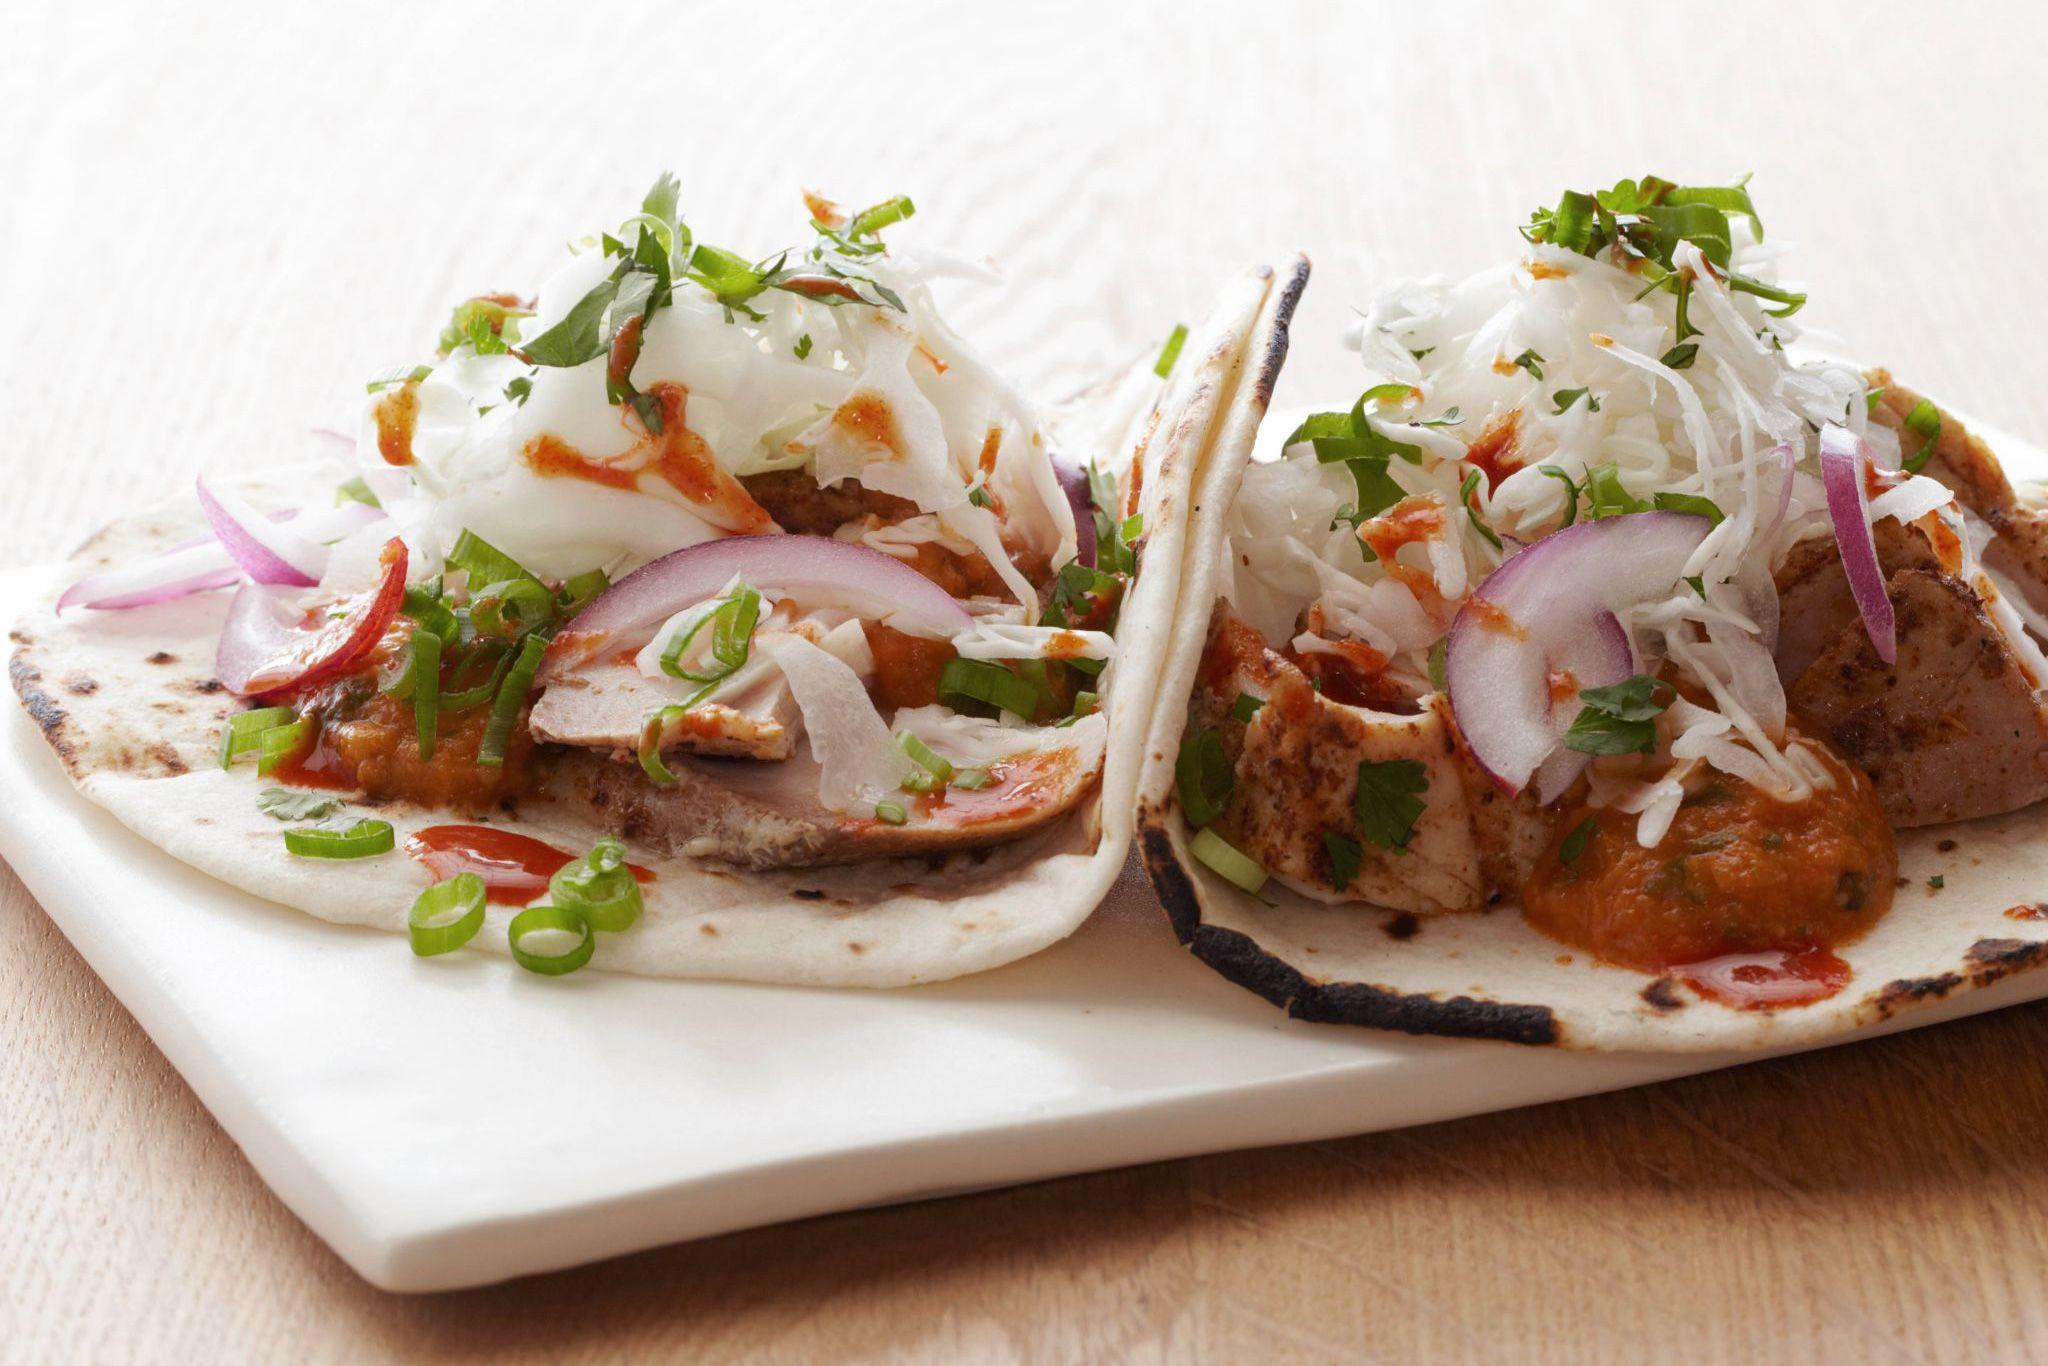 Bobby Flay's Fish Tacos Recipe